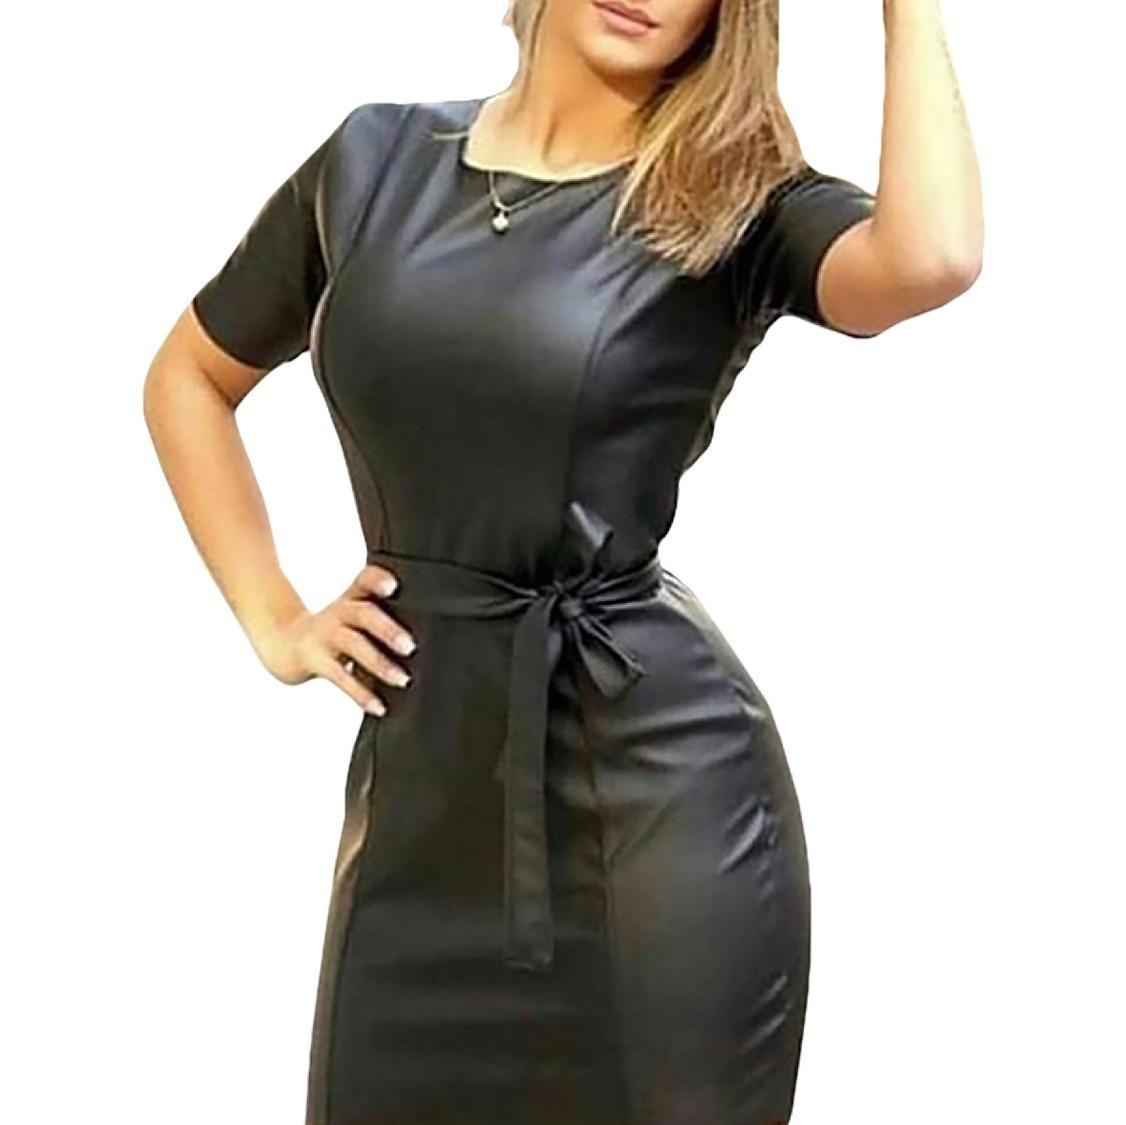 e1310b6f28 vestido de couro ecológico preto com manga curta. Carregando zoom.